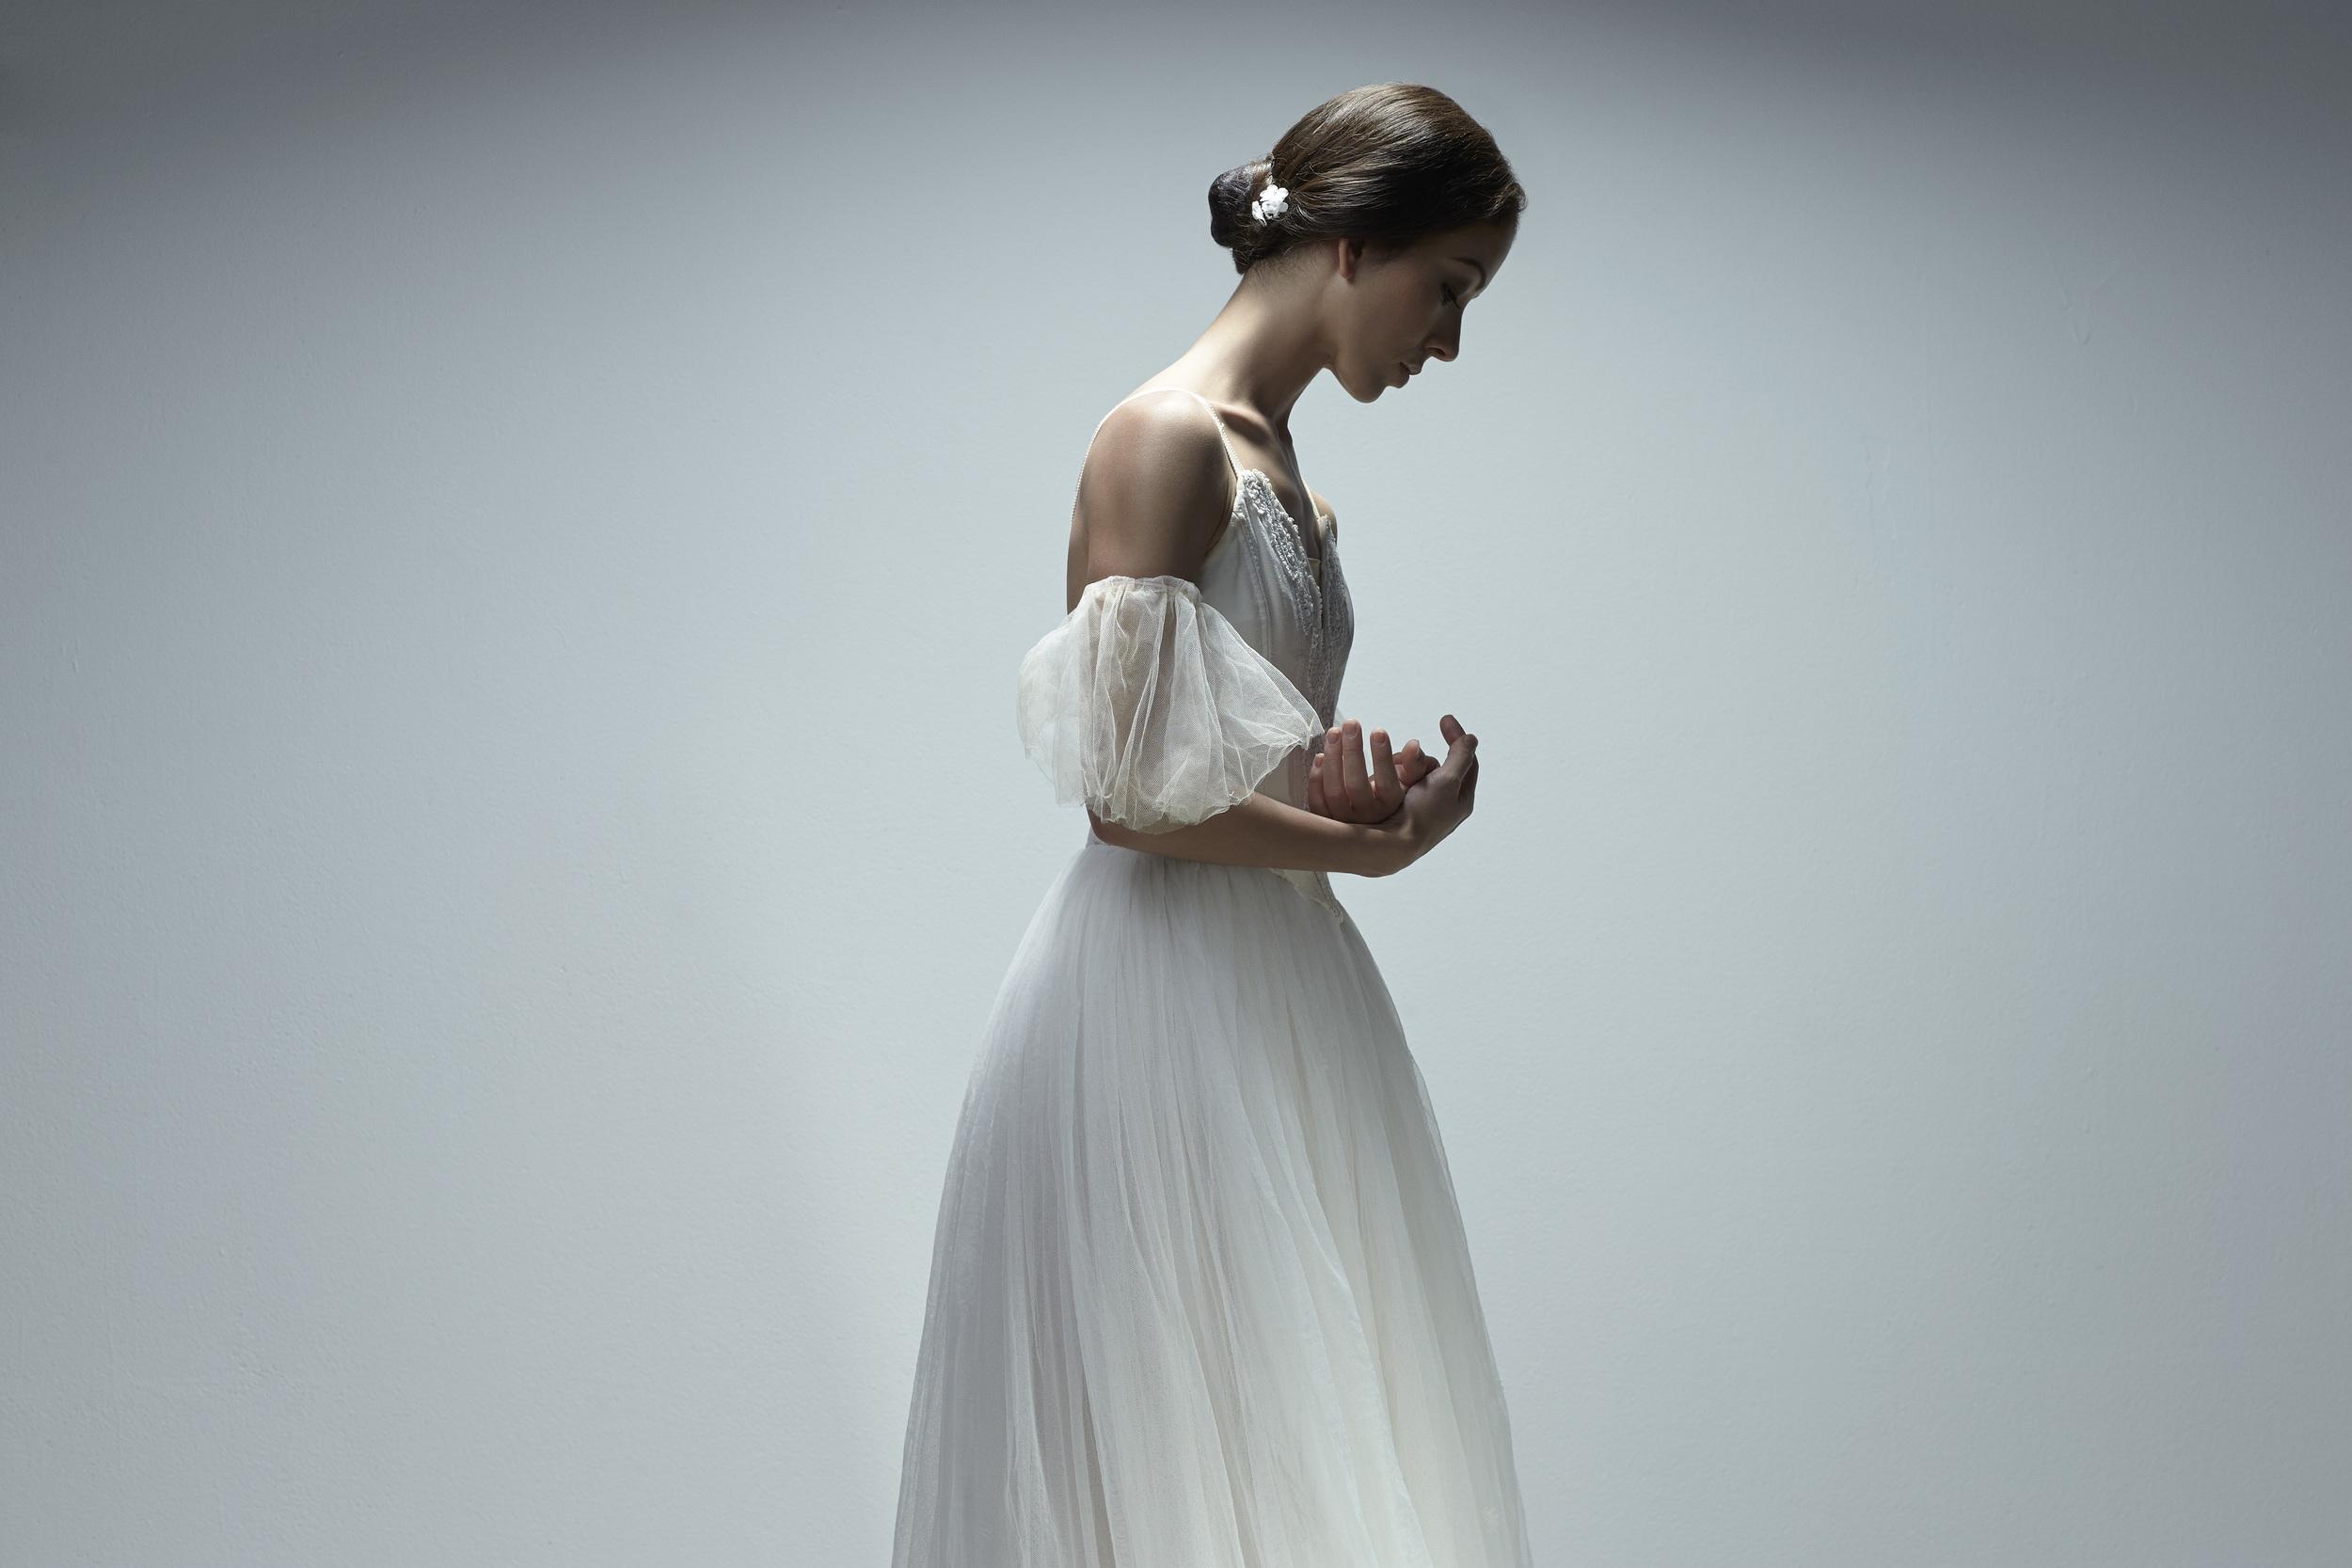 Juliet Burnett as Giselle